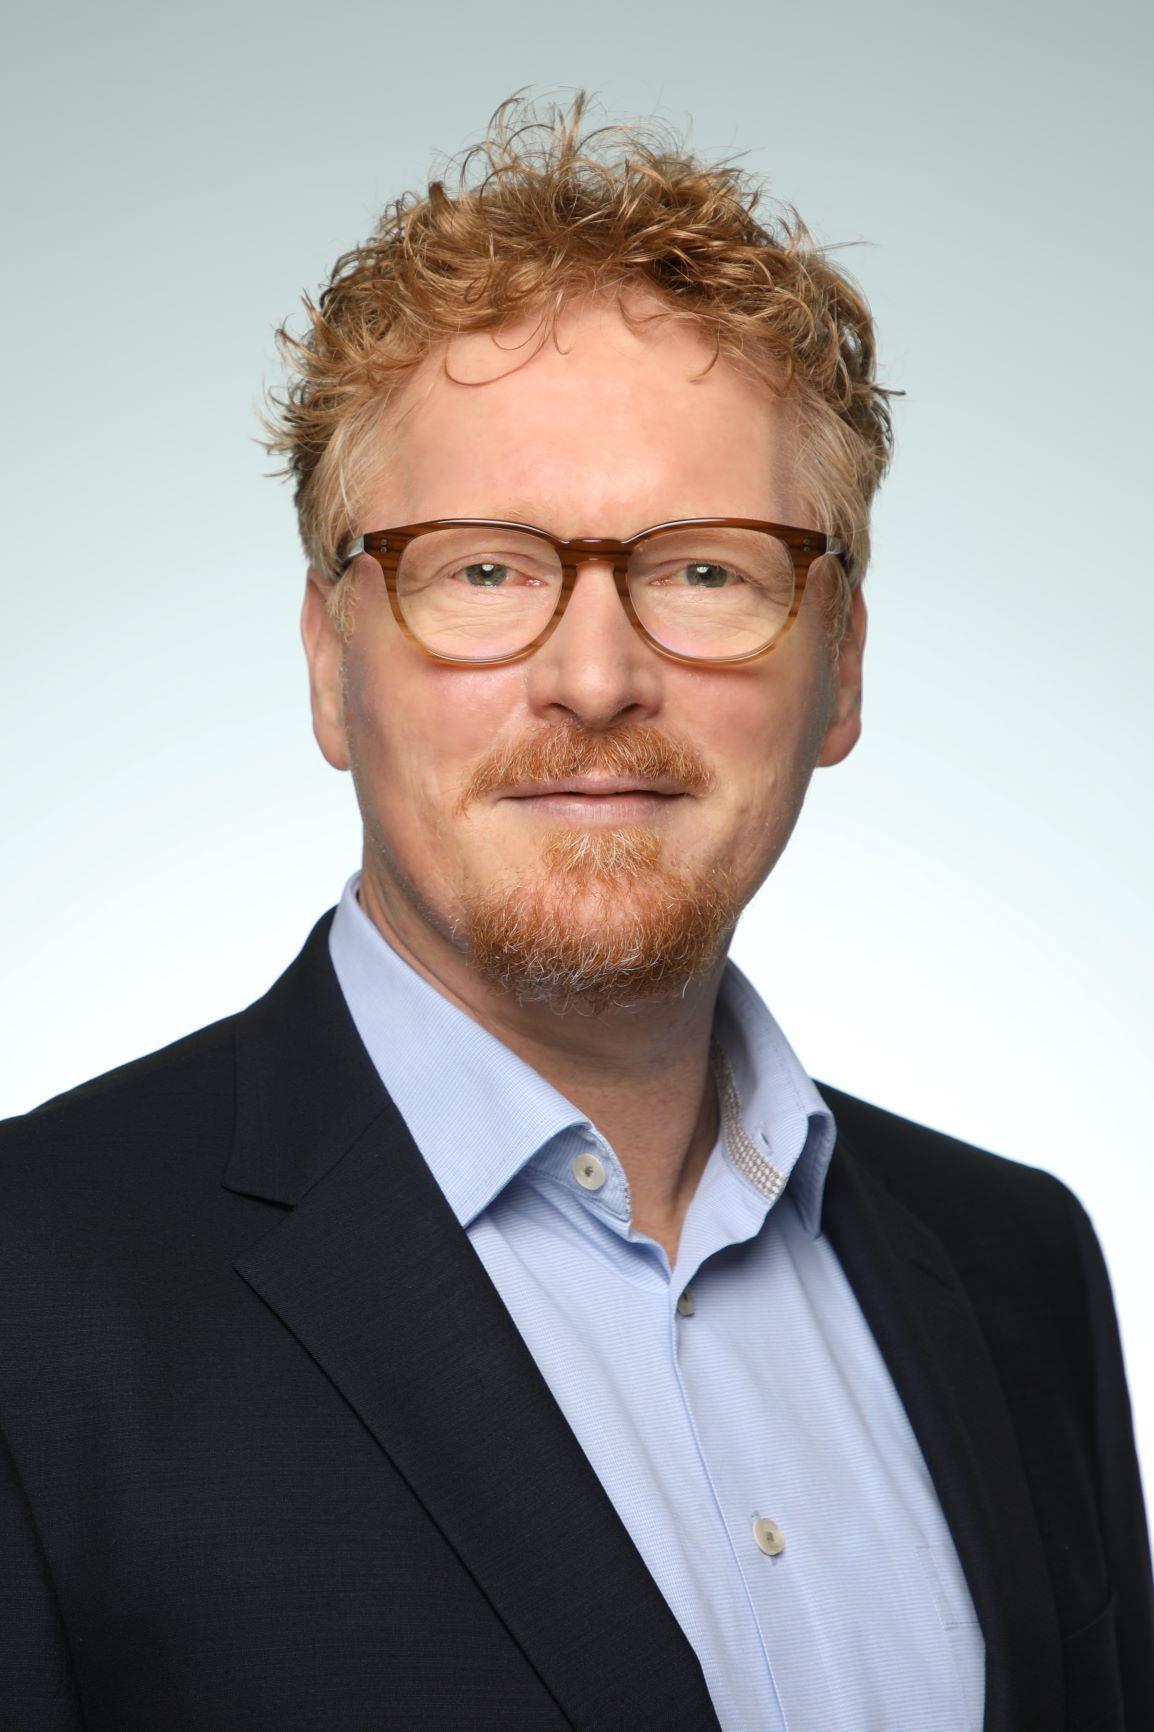 Stefan Beeg